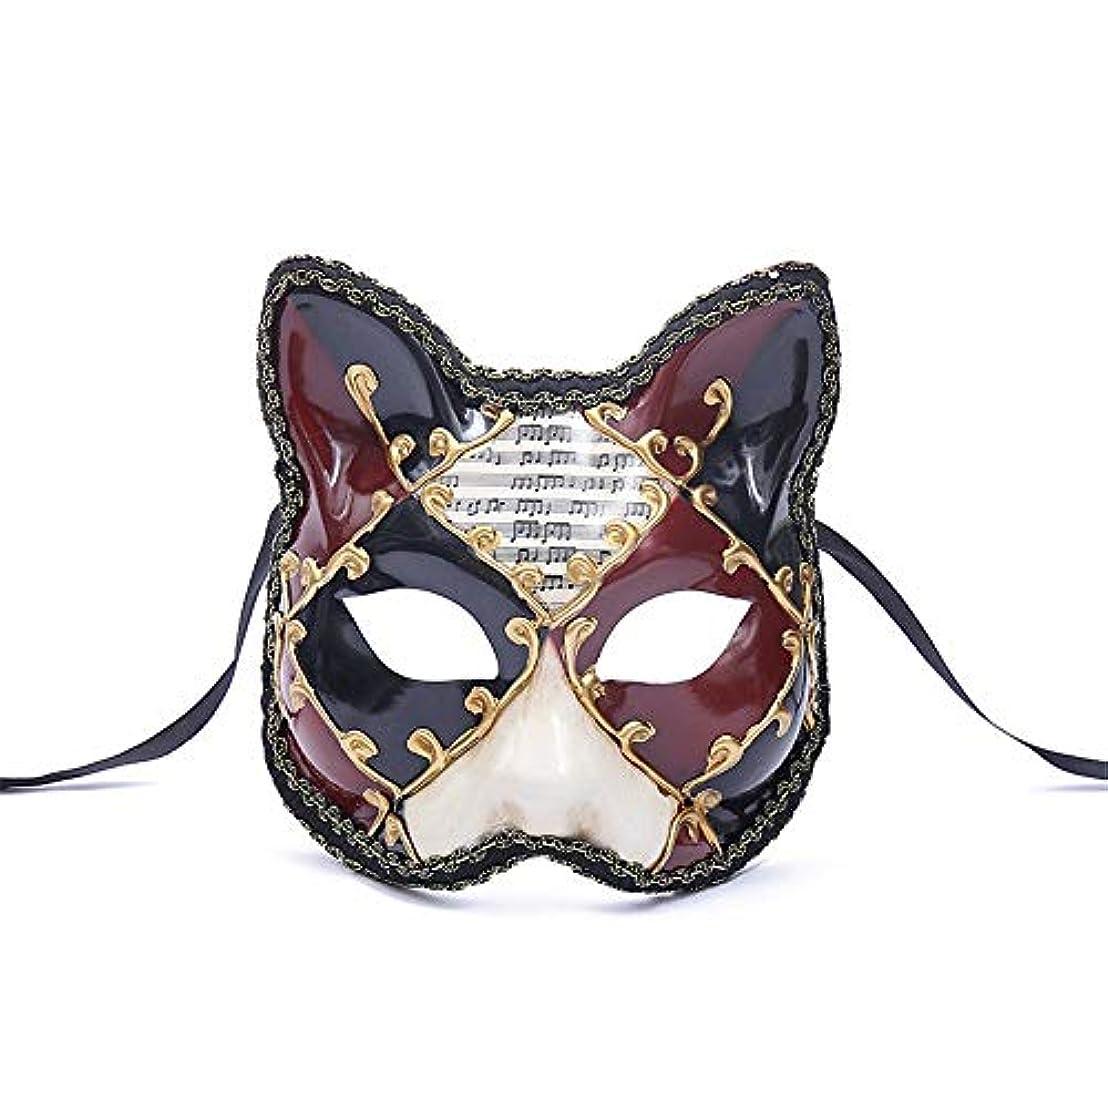 丈夫商業の注文ダンスマスク 大きな猫アンティーク動物レトロコスプレハロウィーン仮装マスクナイトクラブマスク雰囲気フェスティバルマスク パーティーボールマスク (色 : 赤, サイズ : 17.5x16cm)